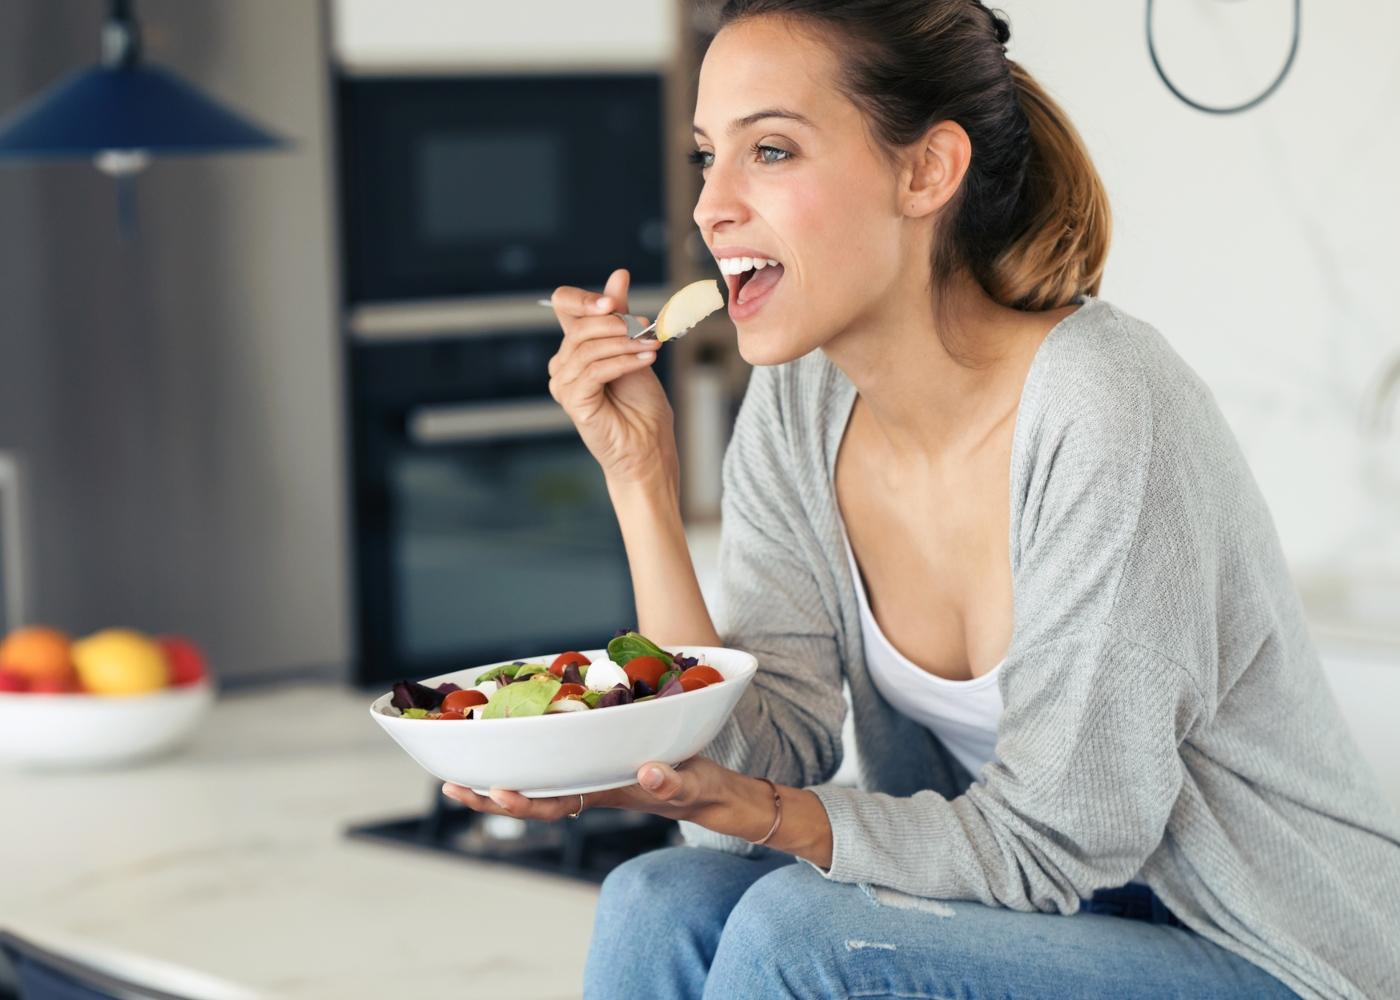 Mulher sentada no balcão da cozinha a comer uma salada